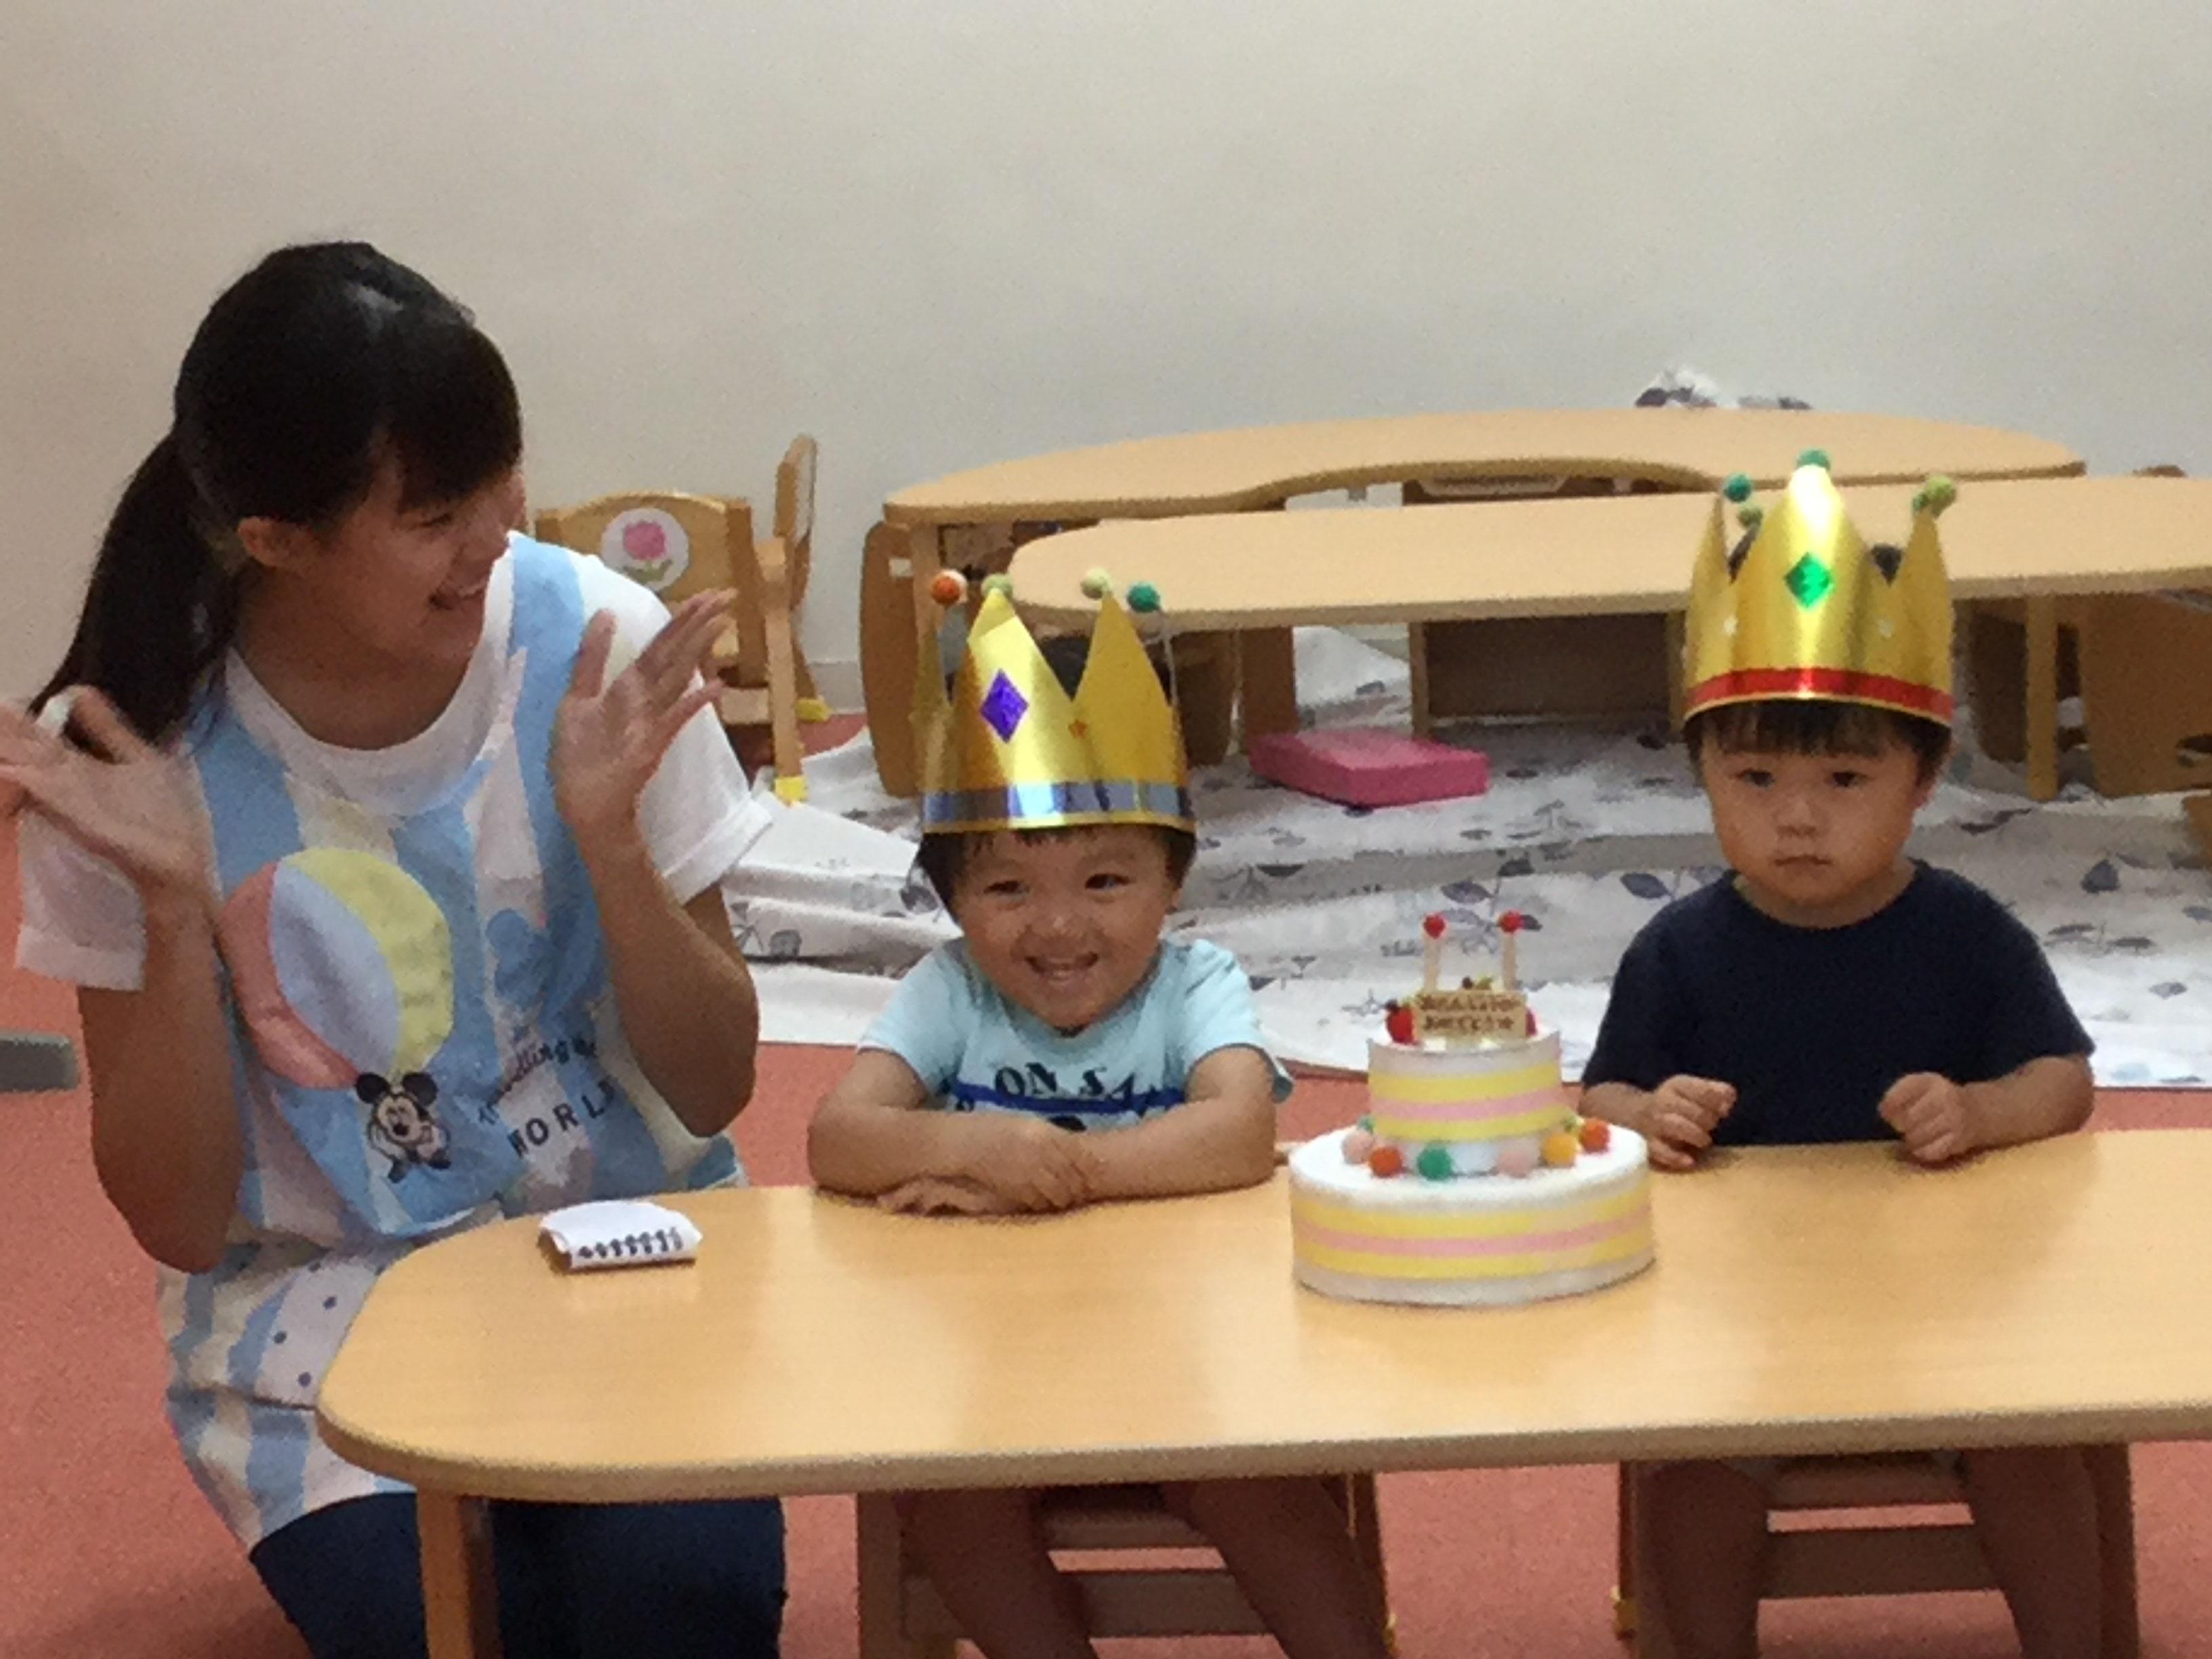 今日は、ひかりぐみのたいしくんとなおとくんの、お誕生日会をしま した。たいしくんは19日で2歳、なおとくんは今日で2歳になりました。みんなから、ケーキと♪ ハッピーバーズデイ  ♪  の歌のプレゼント。  たいしくん、なおとくん、2 歳のお誕生日おめでとう !